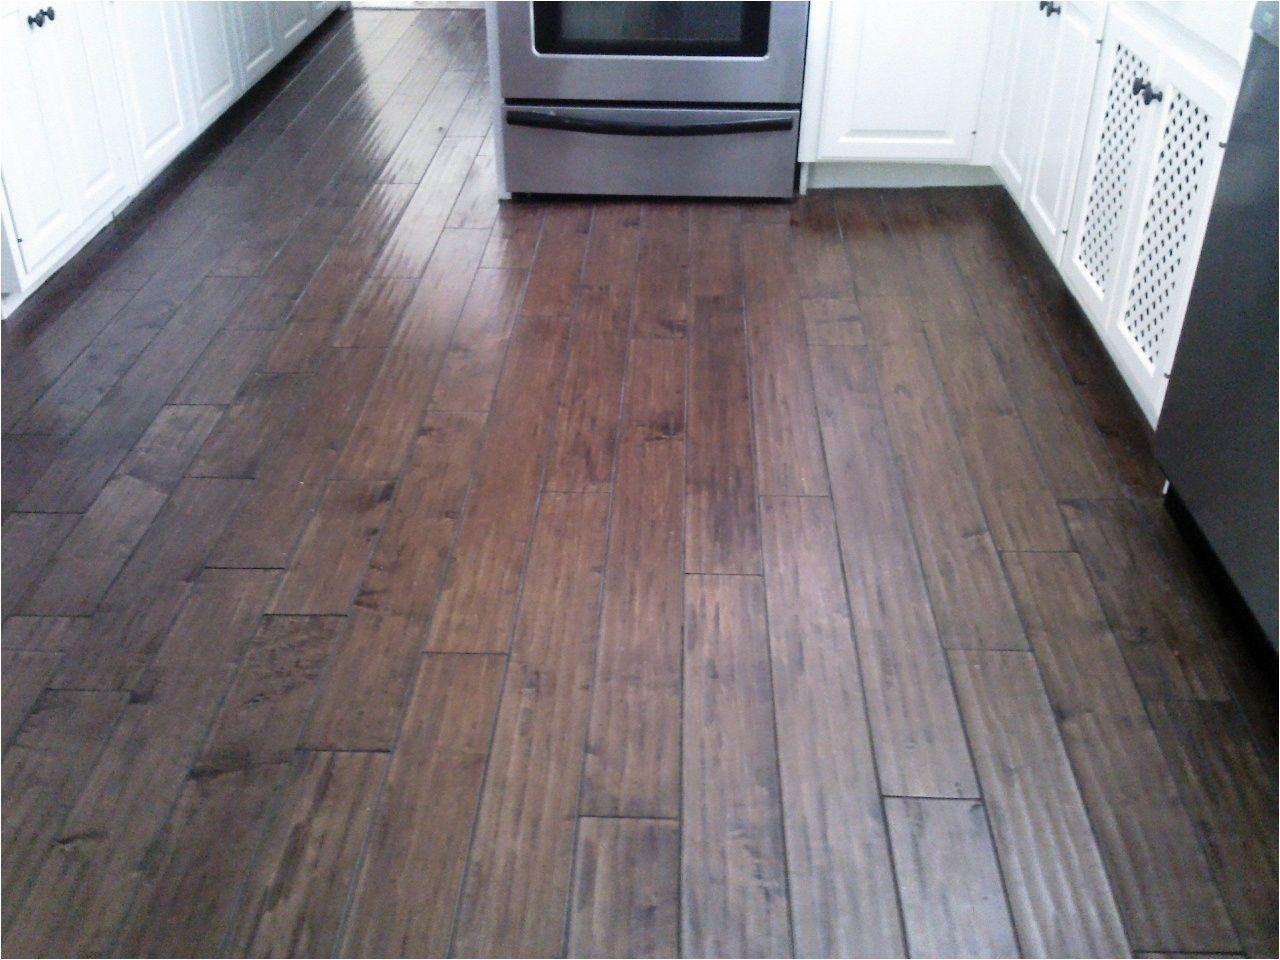 Mohawk Engineered Wood Flooring Reviews in 2020 Vinyl